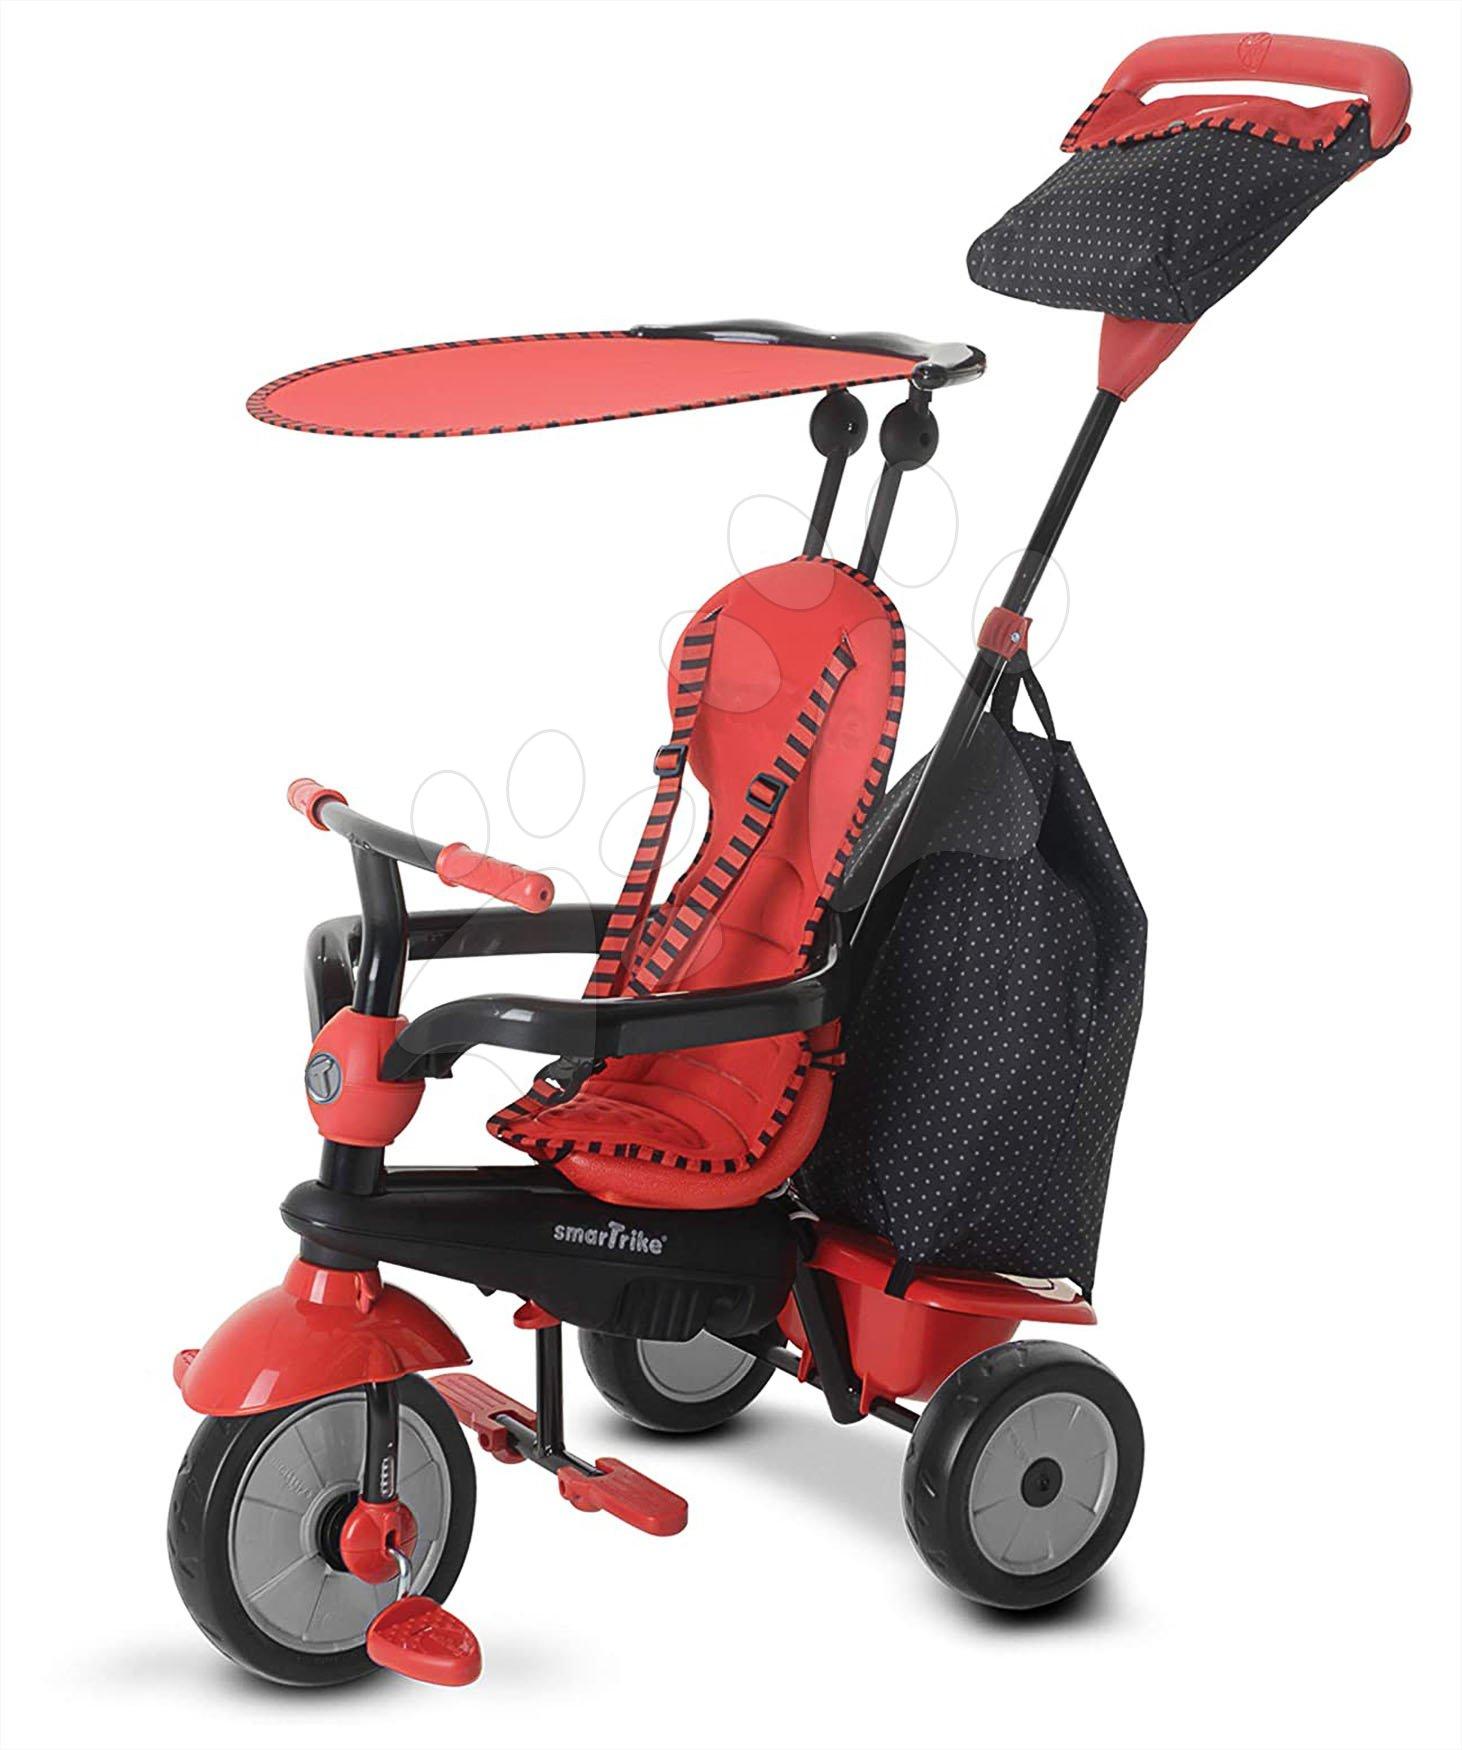 Tříkolka Glow Touch Steering 4v1 Black&Red smarTrike červeno-černá od 10 měsíců